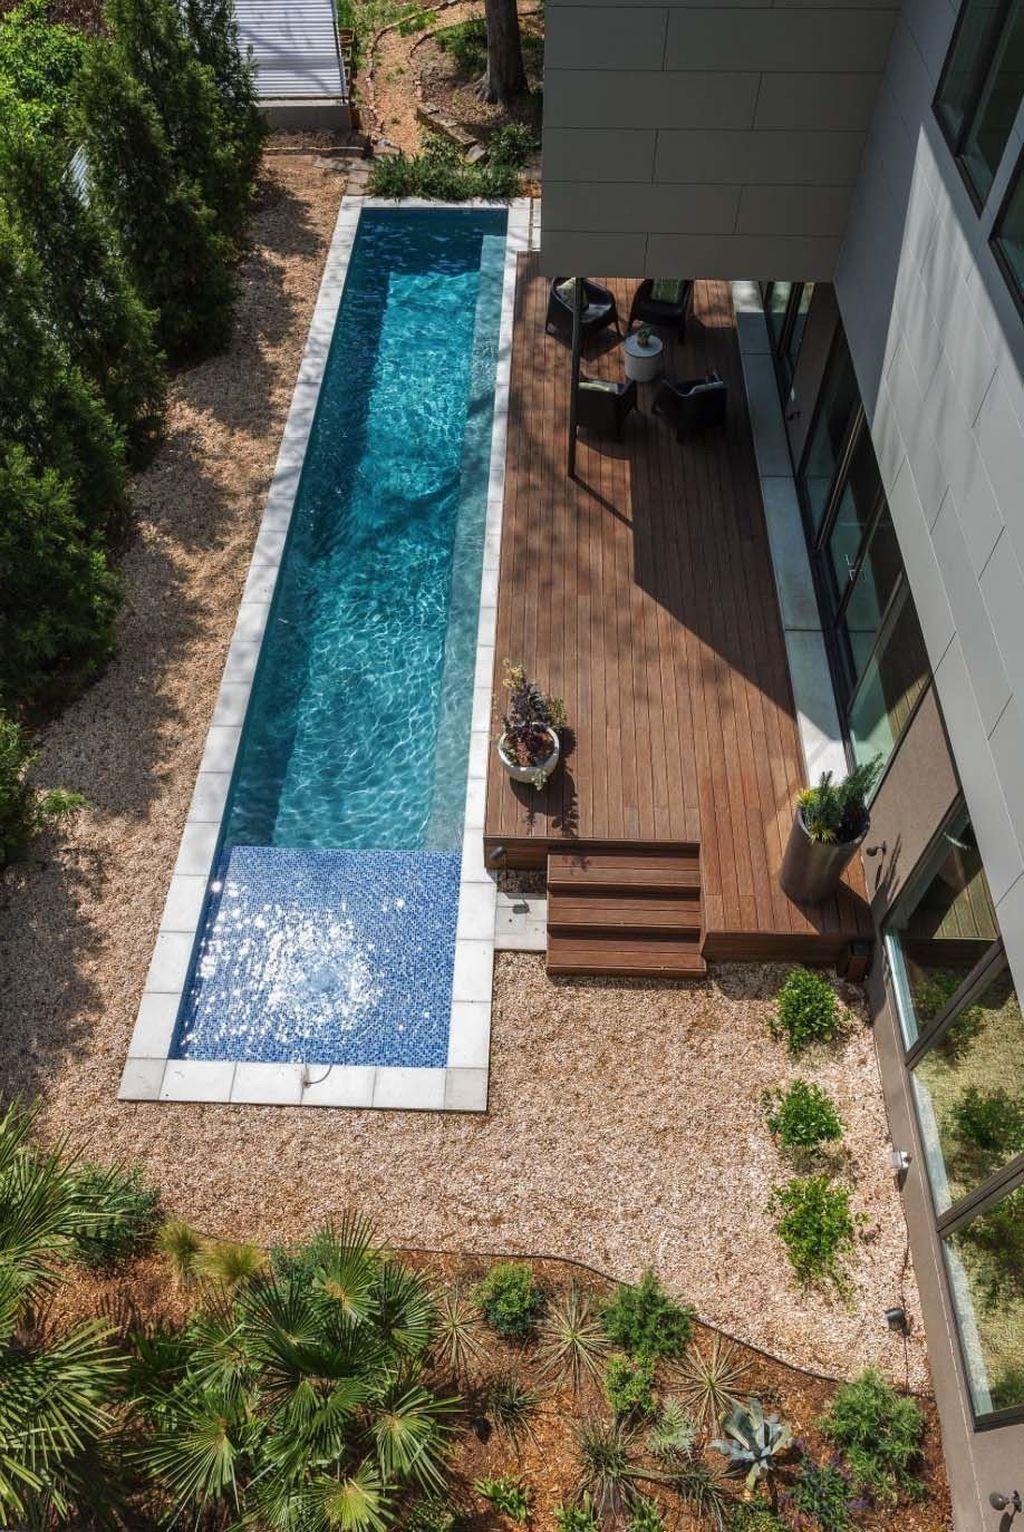 48 Best Small Swimming Pools Ideas For Small Backyards Disegni Cortile Design Per Patio Idee Per Patio